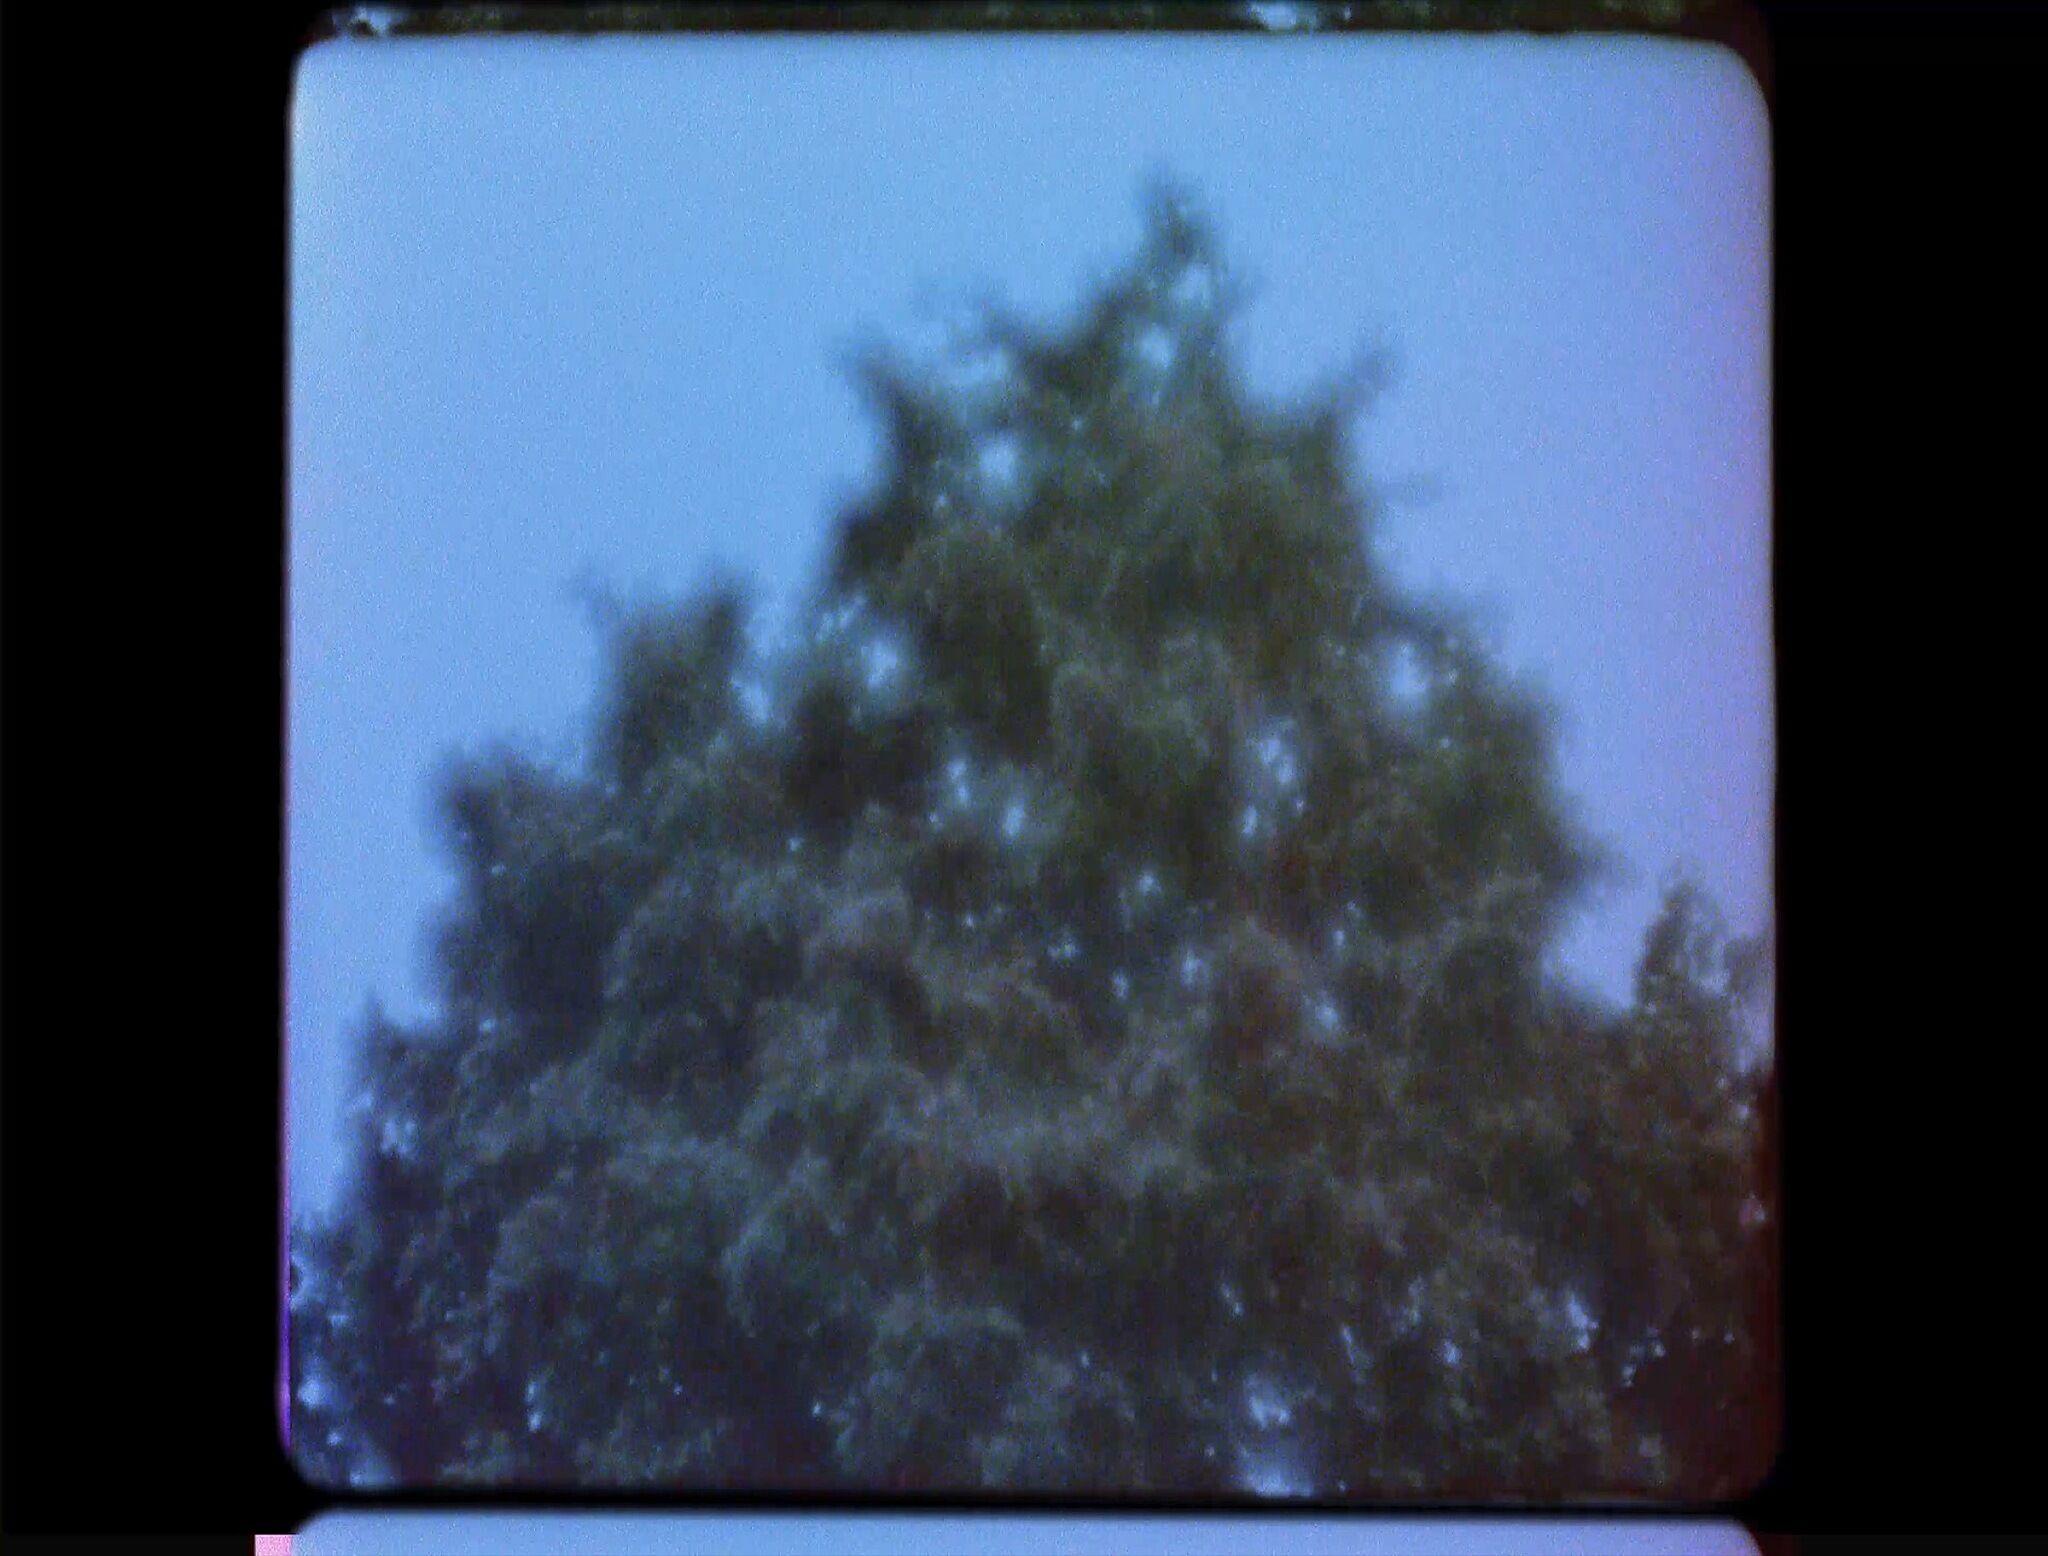 A film still of a tree.